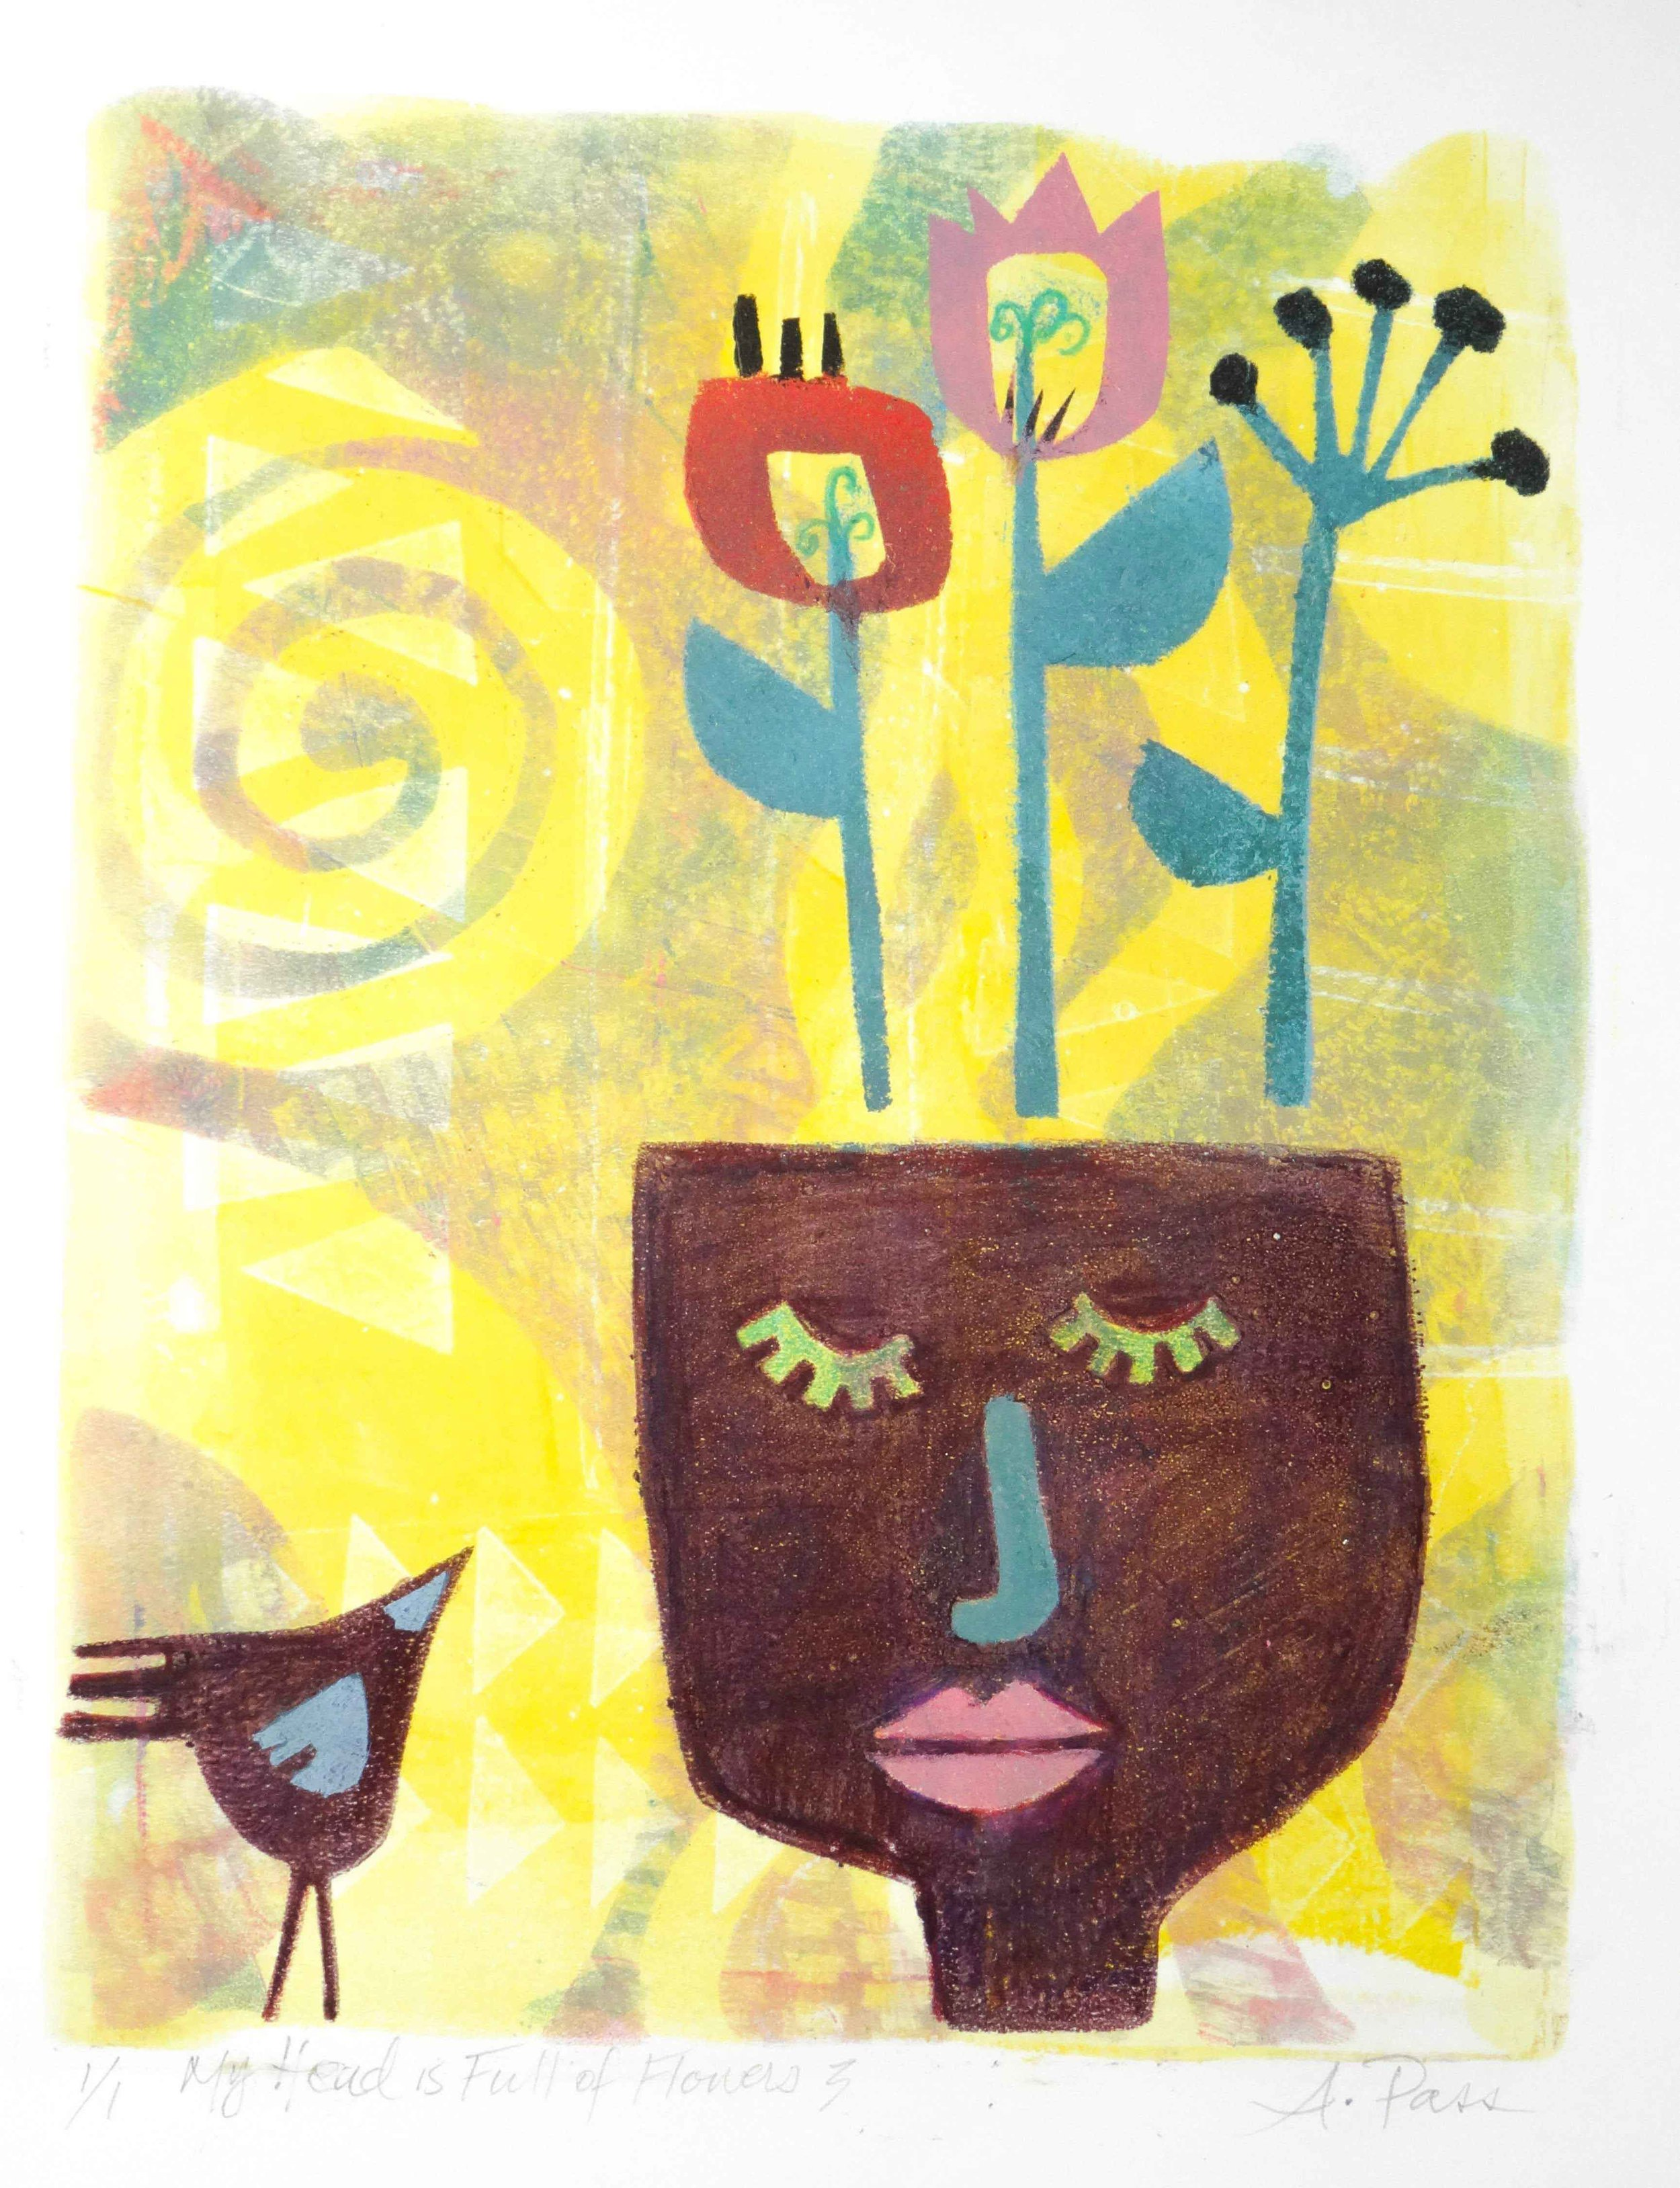 My-Head-is-Full-of-Flowers-3-final-(web).jpg